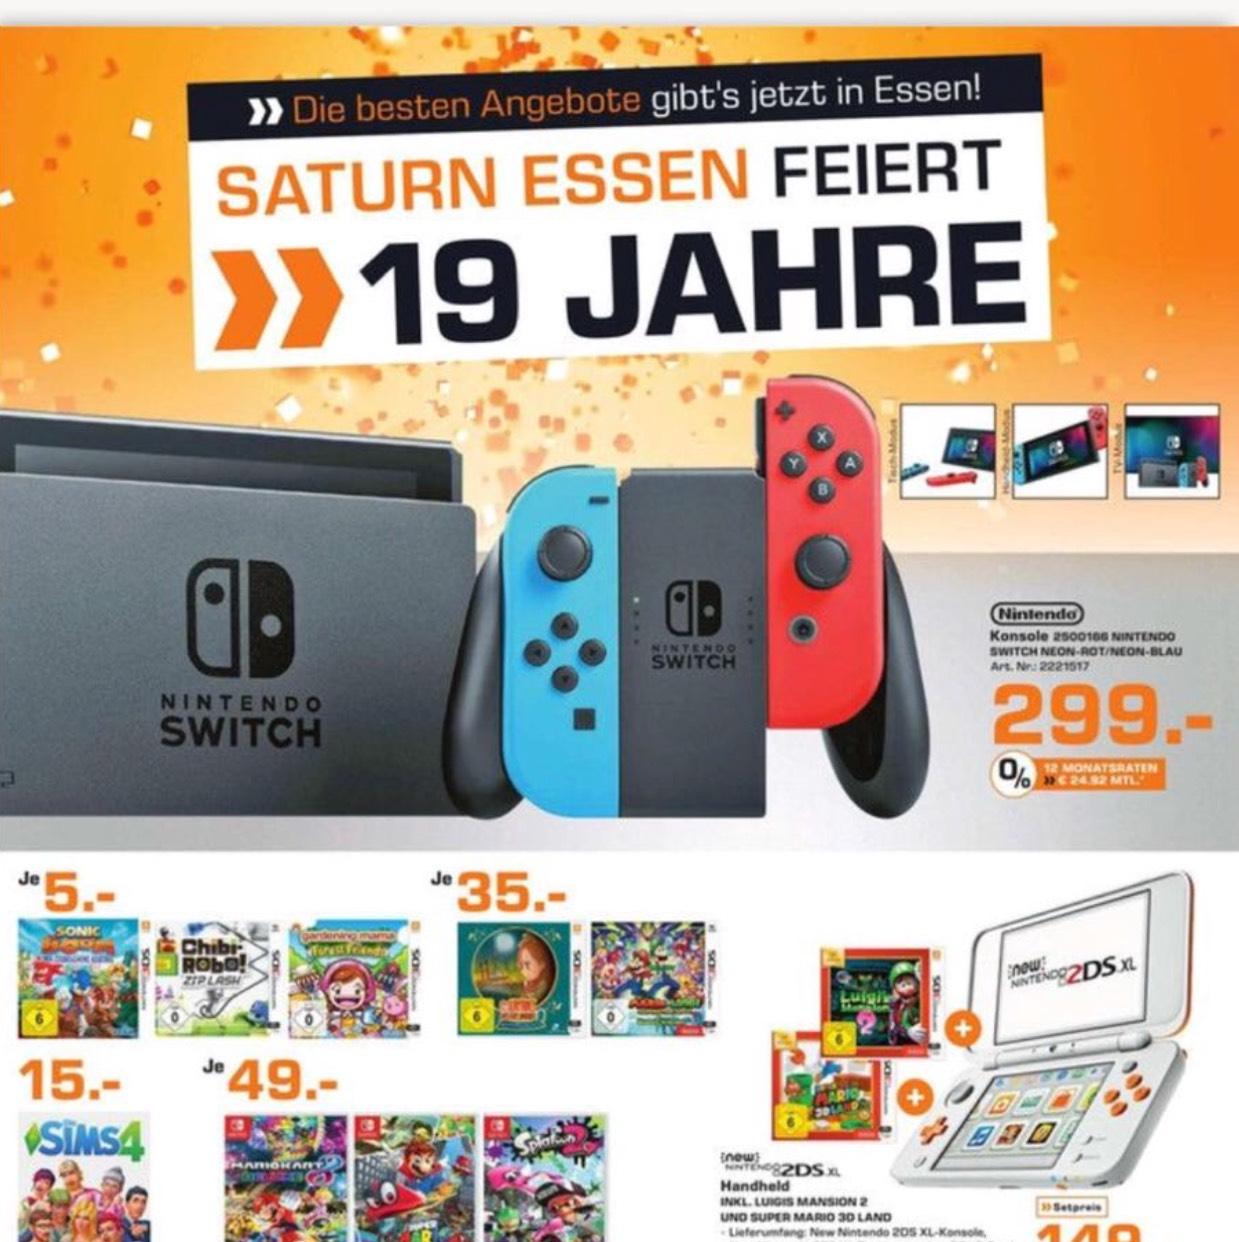 Nintendo Switch - Saturn Essen